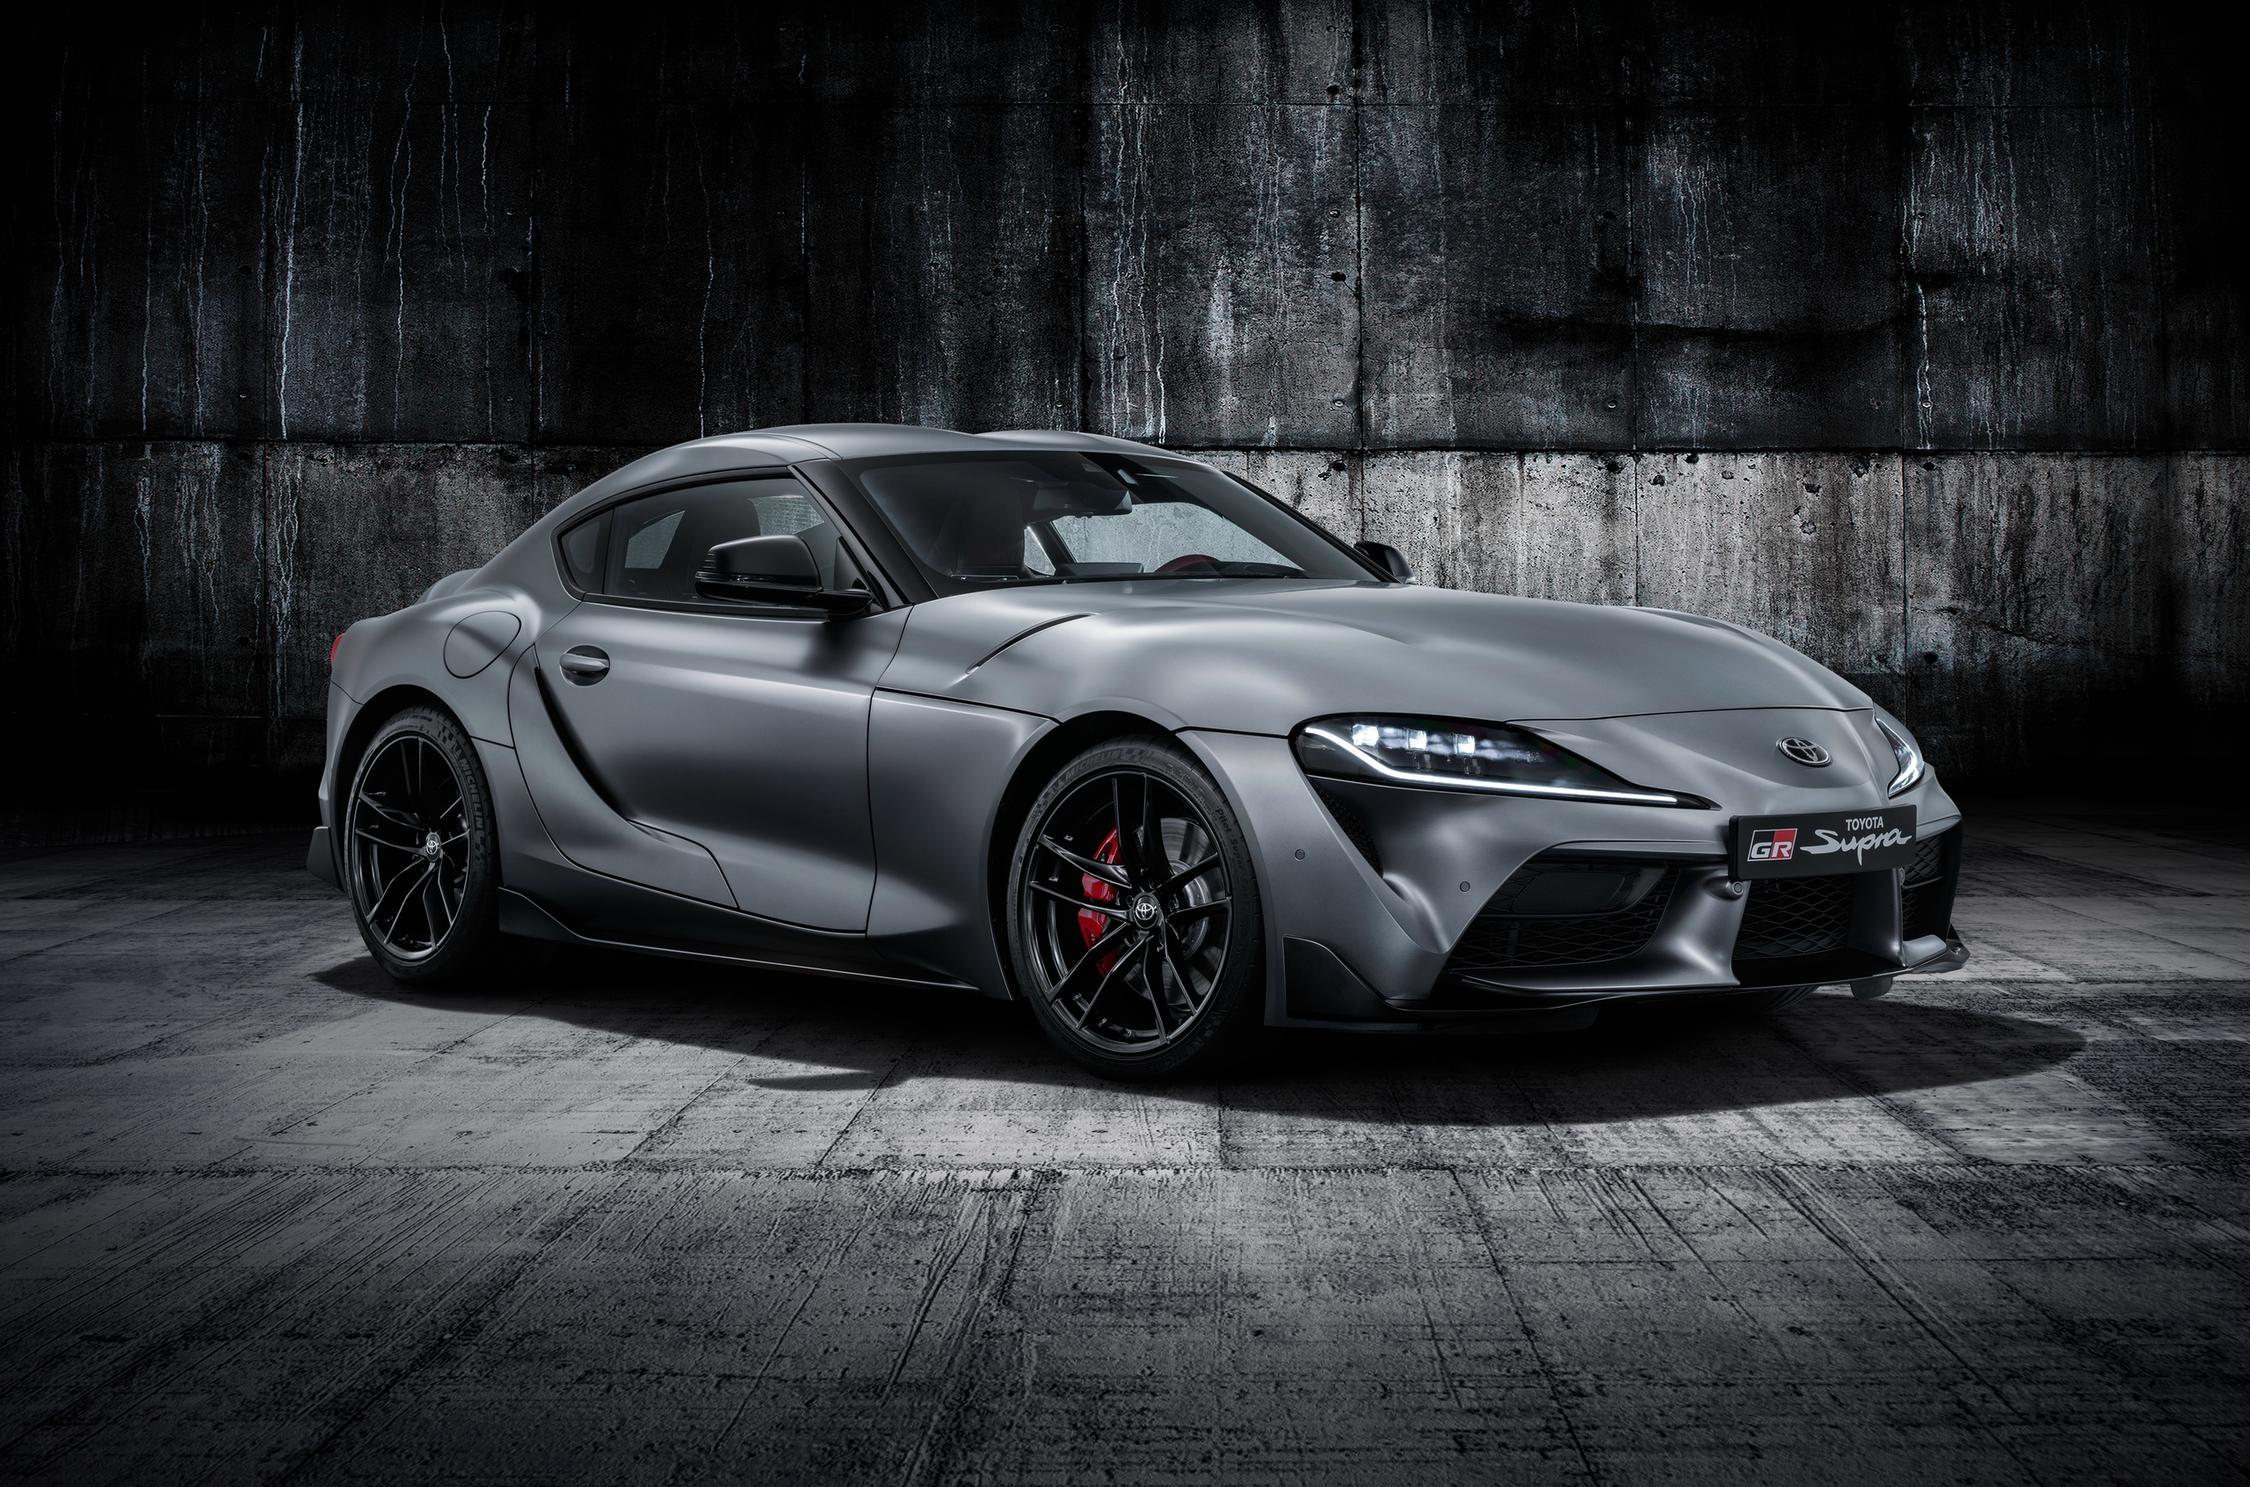 Toyota Supra в новому образі. Докладний огляд у статті на сайті інтернет-магазину Lester.ua.